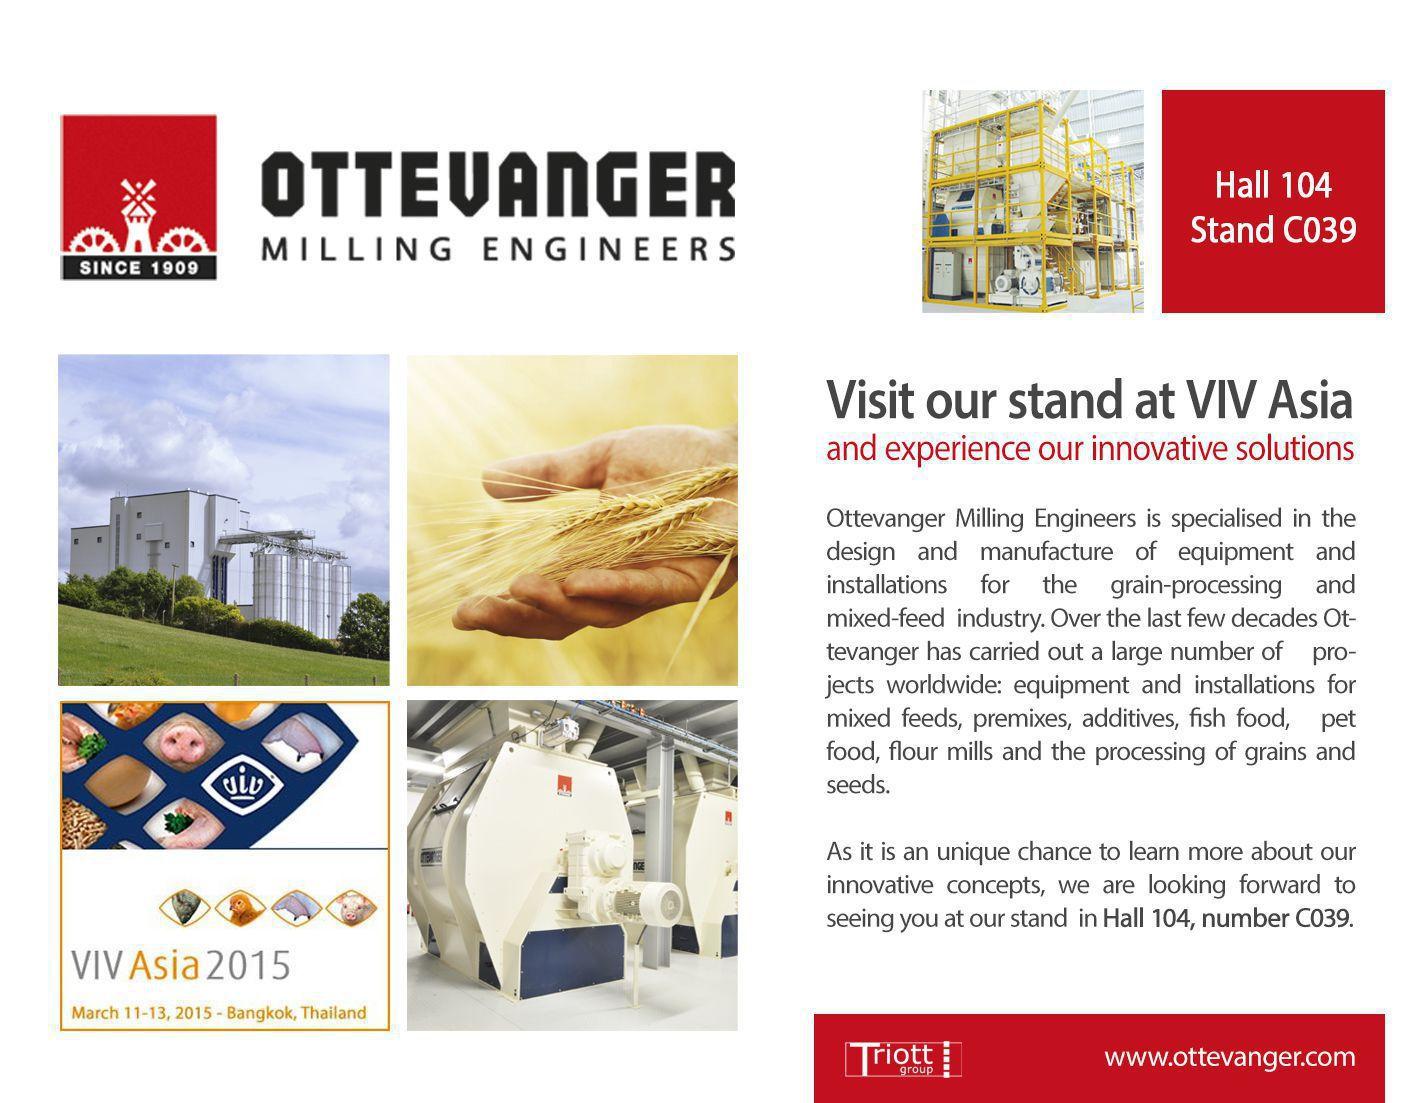 invitation VIV Asia 2015 Ottevanger